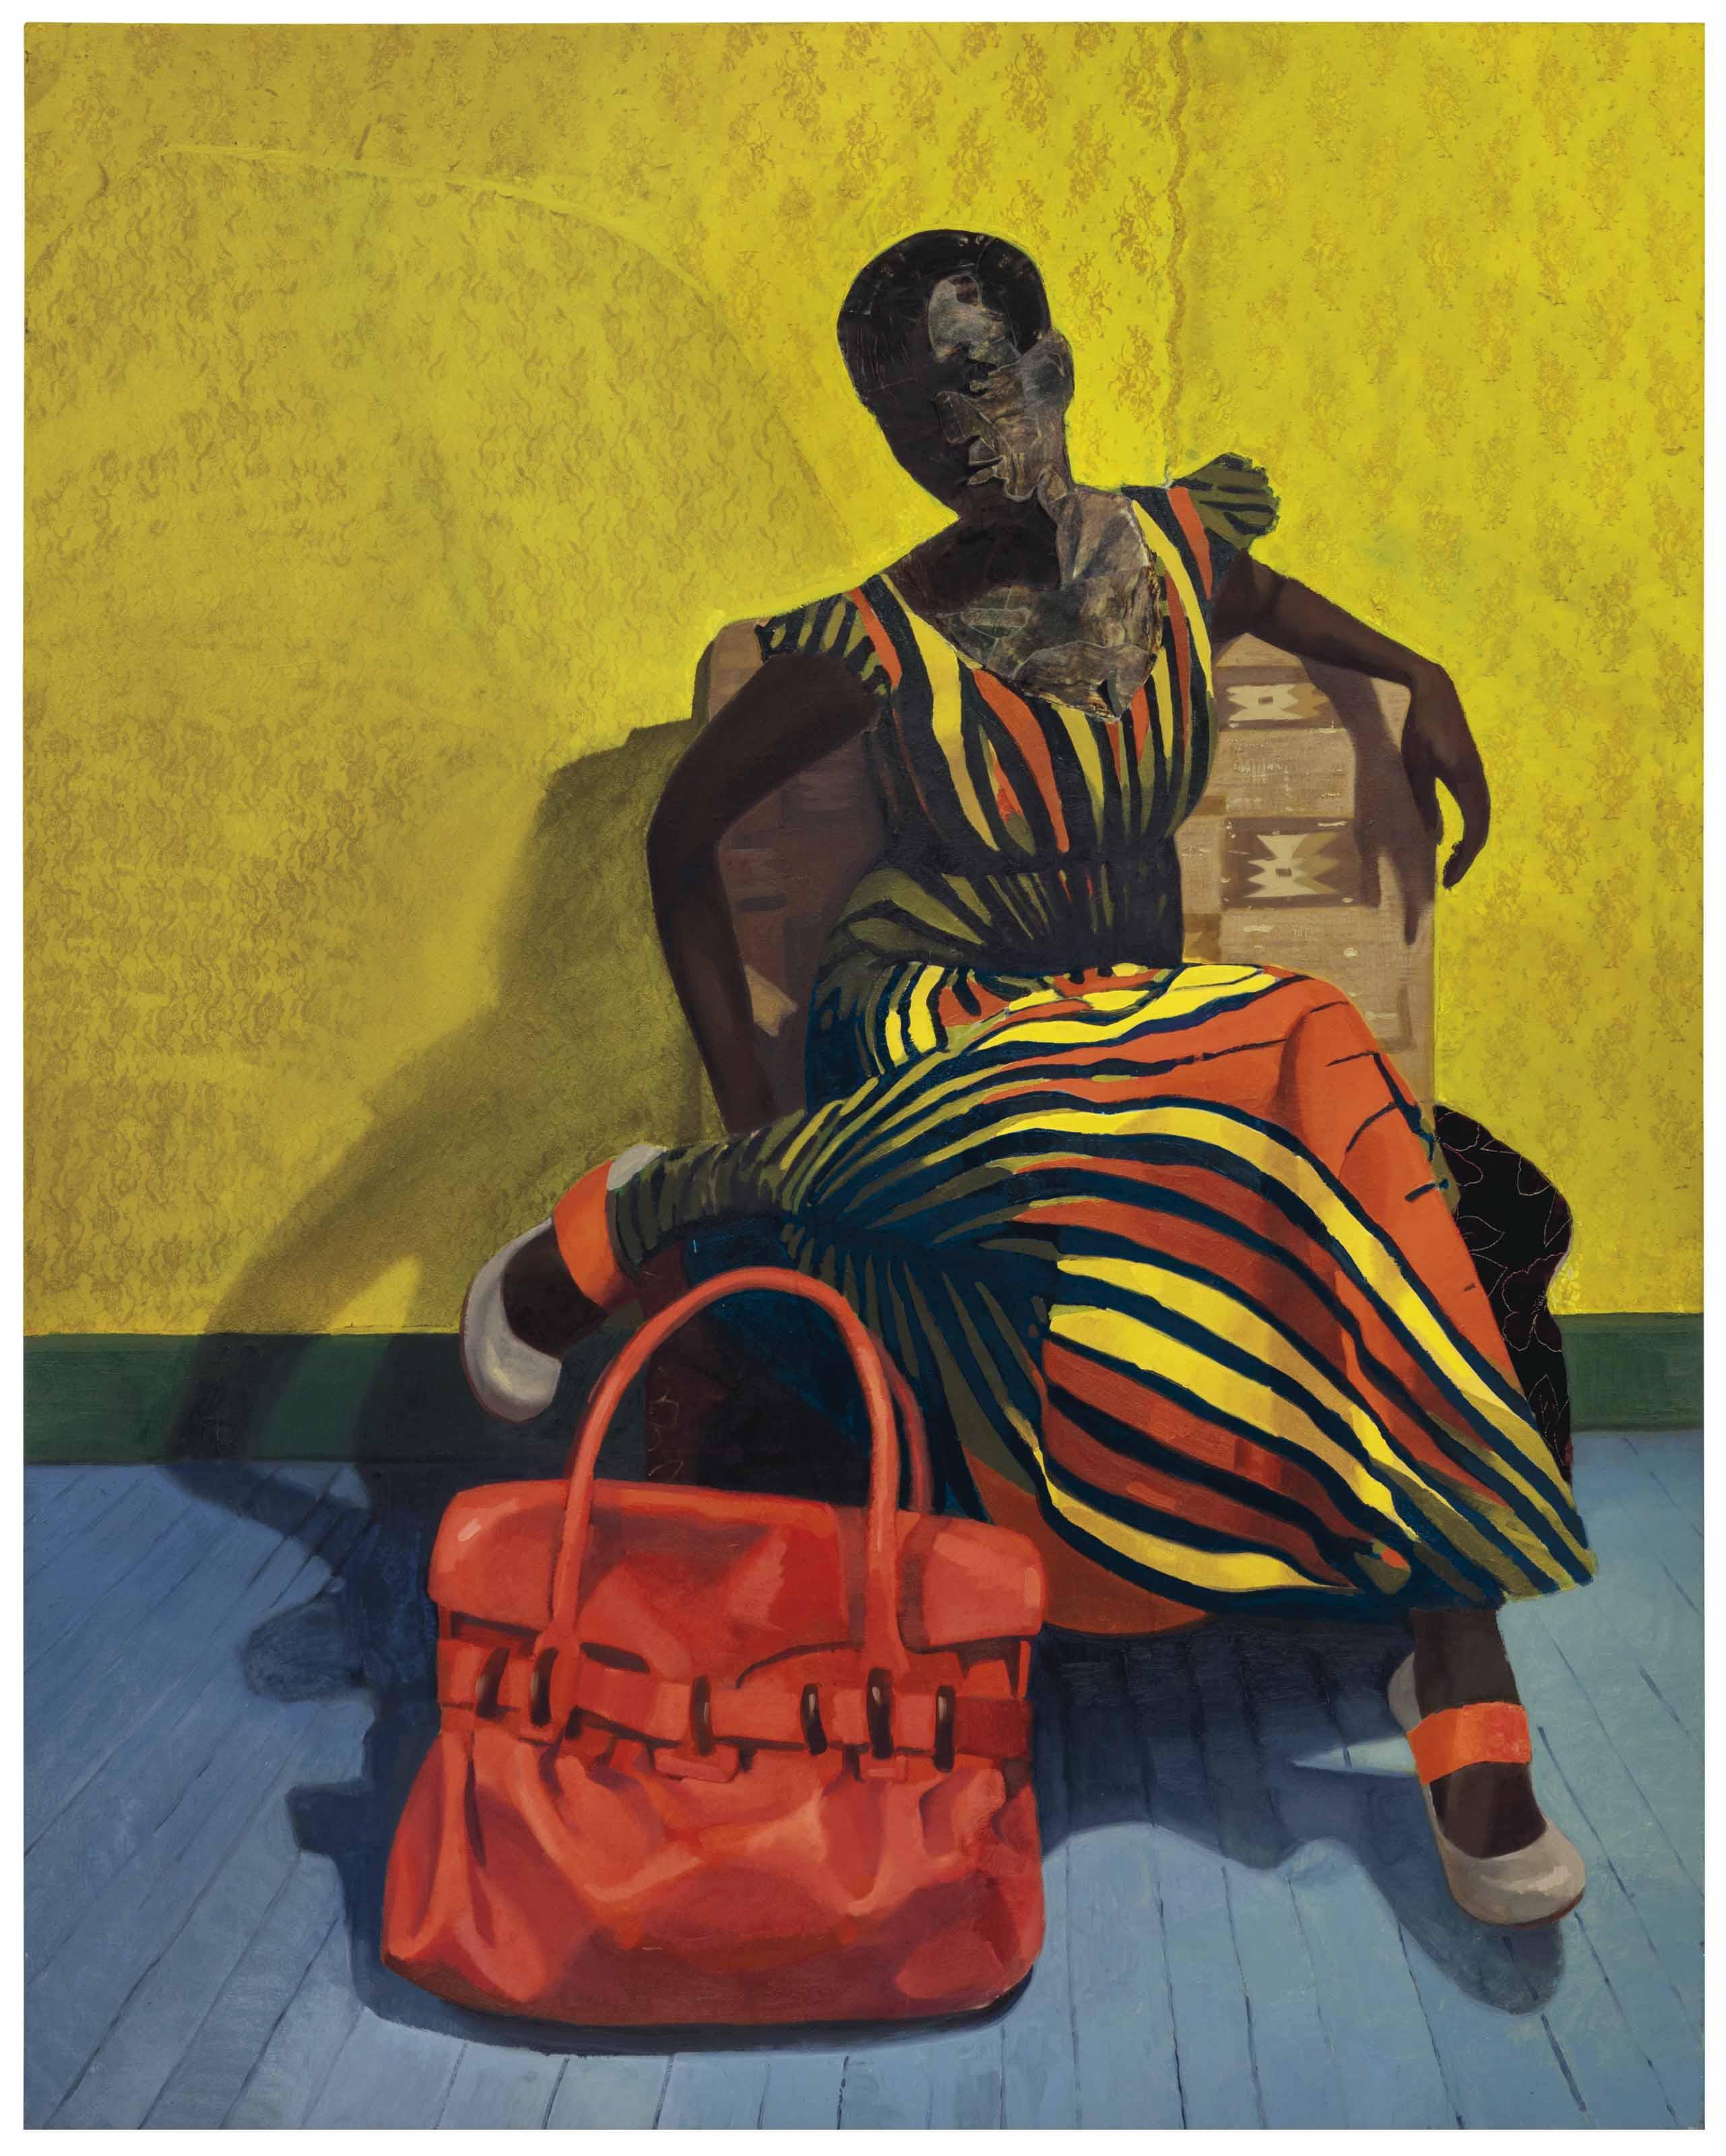 Njideka Akunyili Crosby (b. 1983)